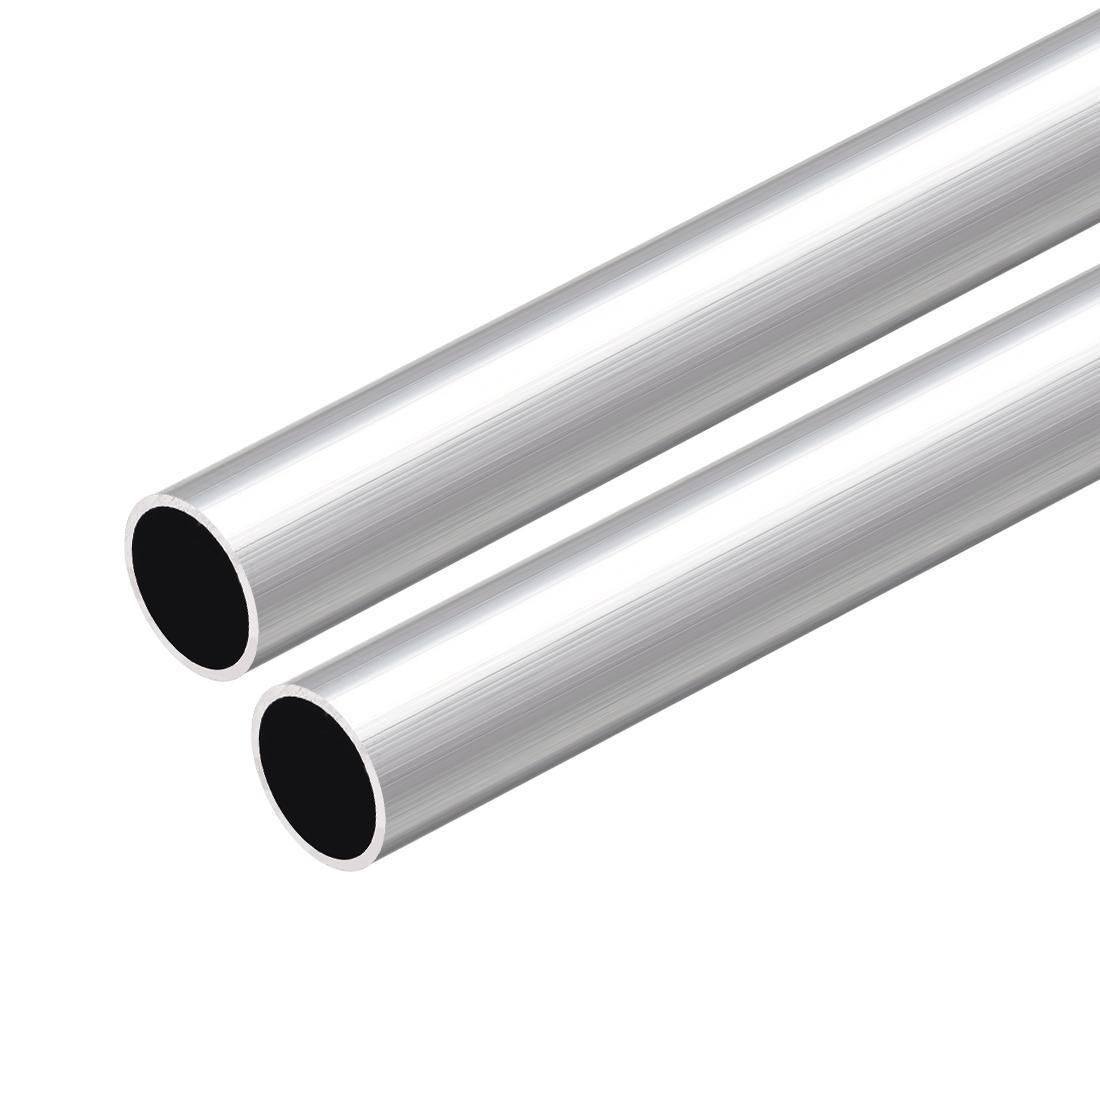 6063 Aluminum Round Tube 300mm Length 17mm OD 14mm Inner Dia Seamless Tube 2 Pcs